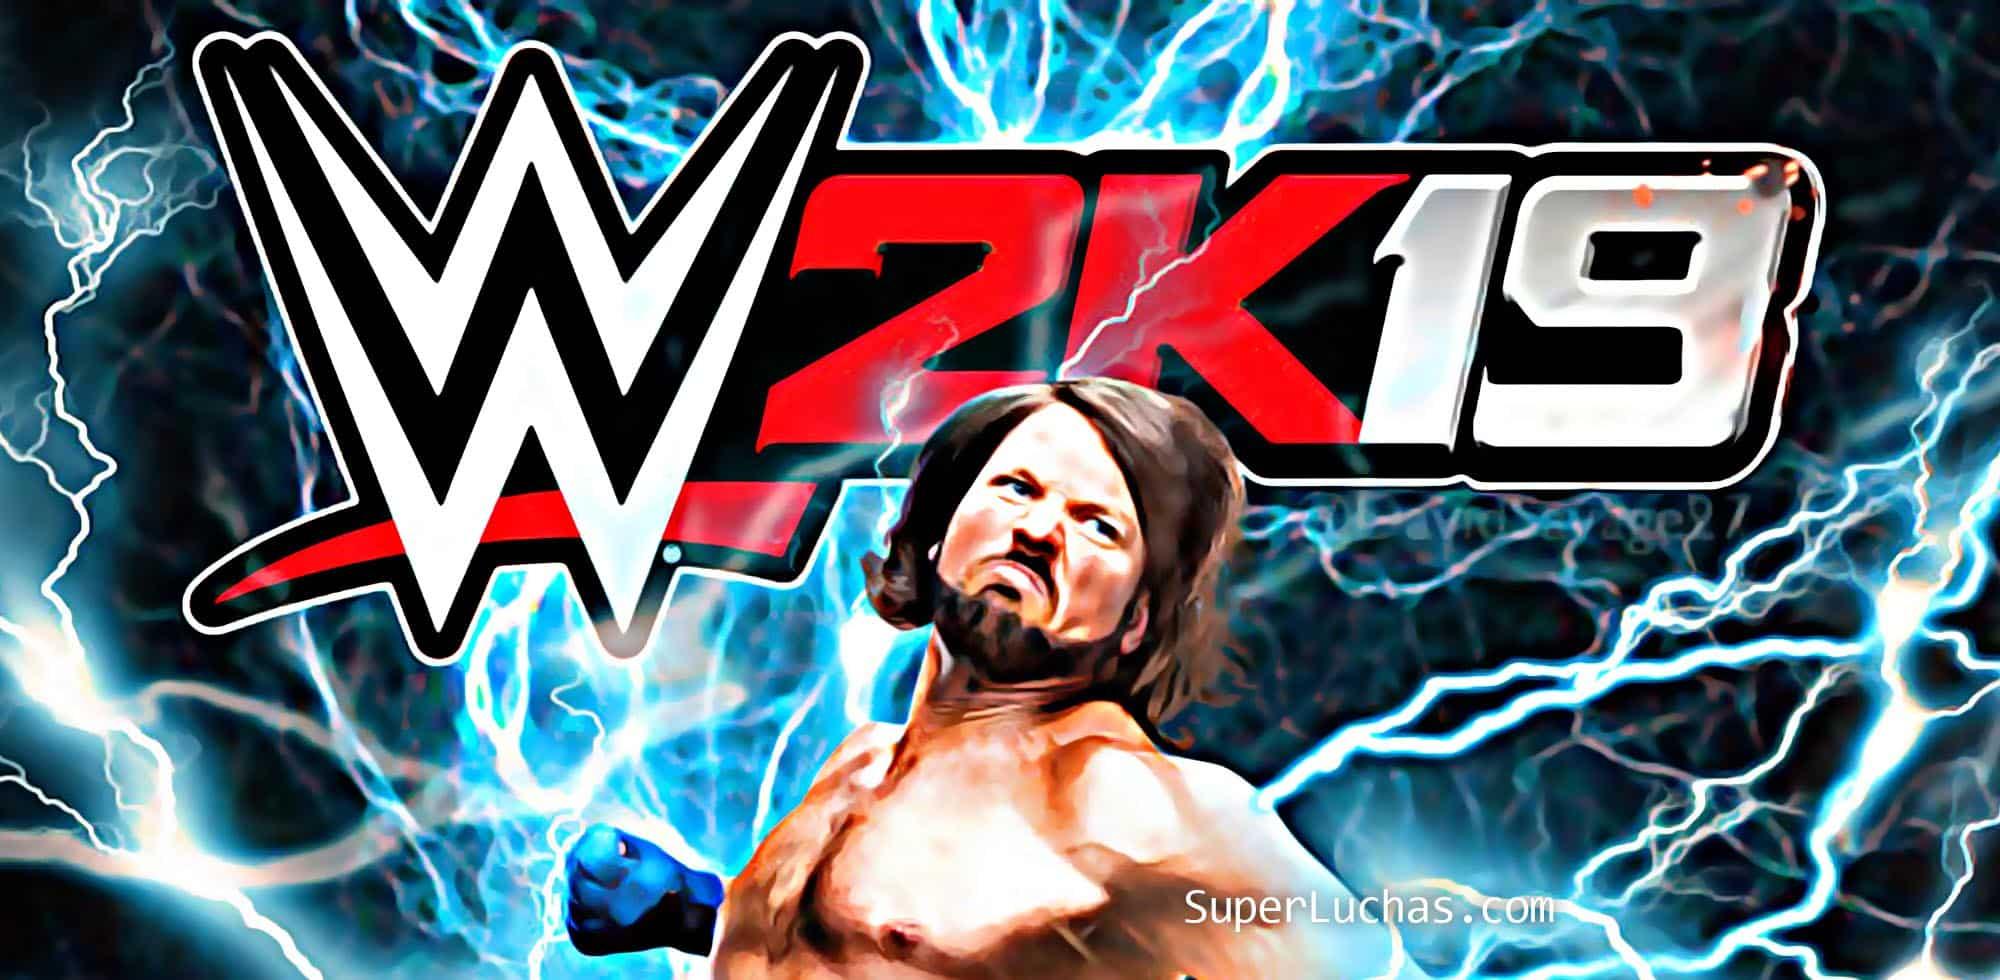 Habrá otros luchadores de regalo en la preventa de WWE 2K19 12